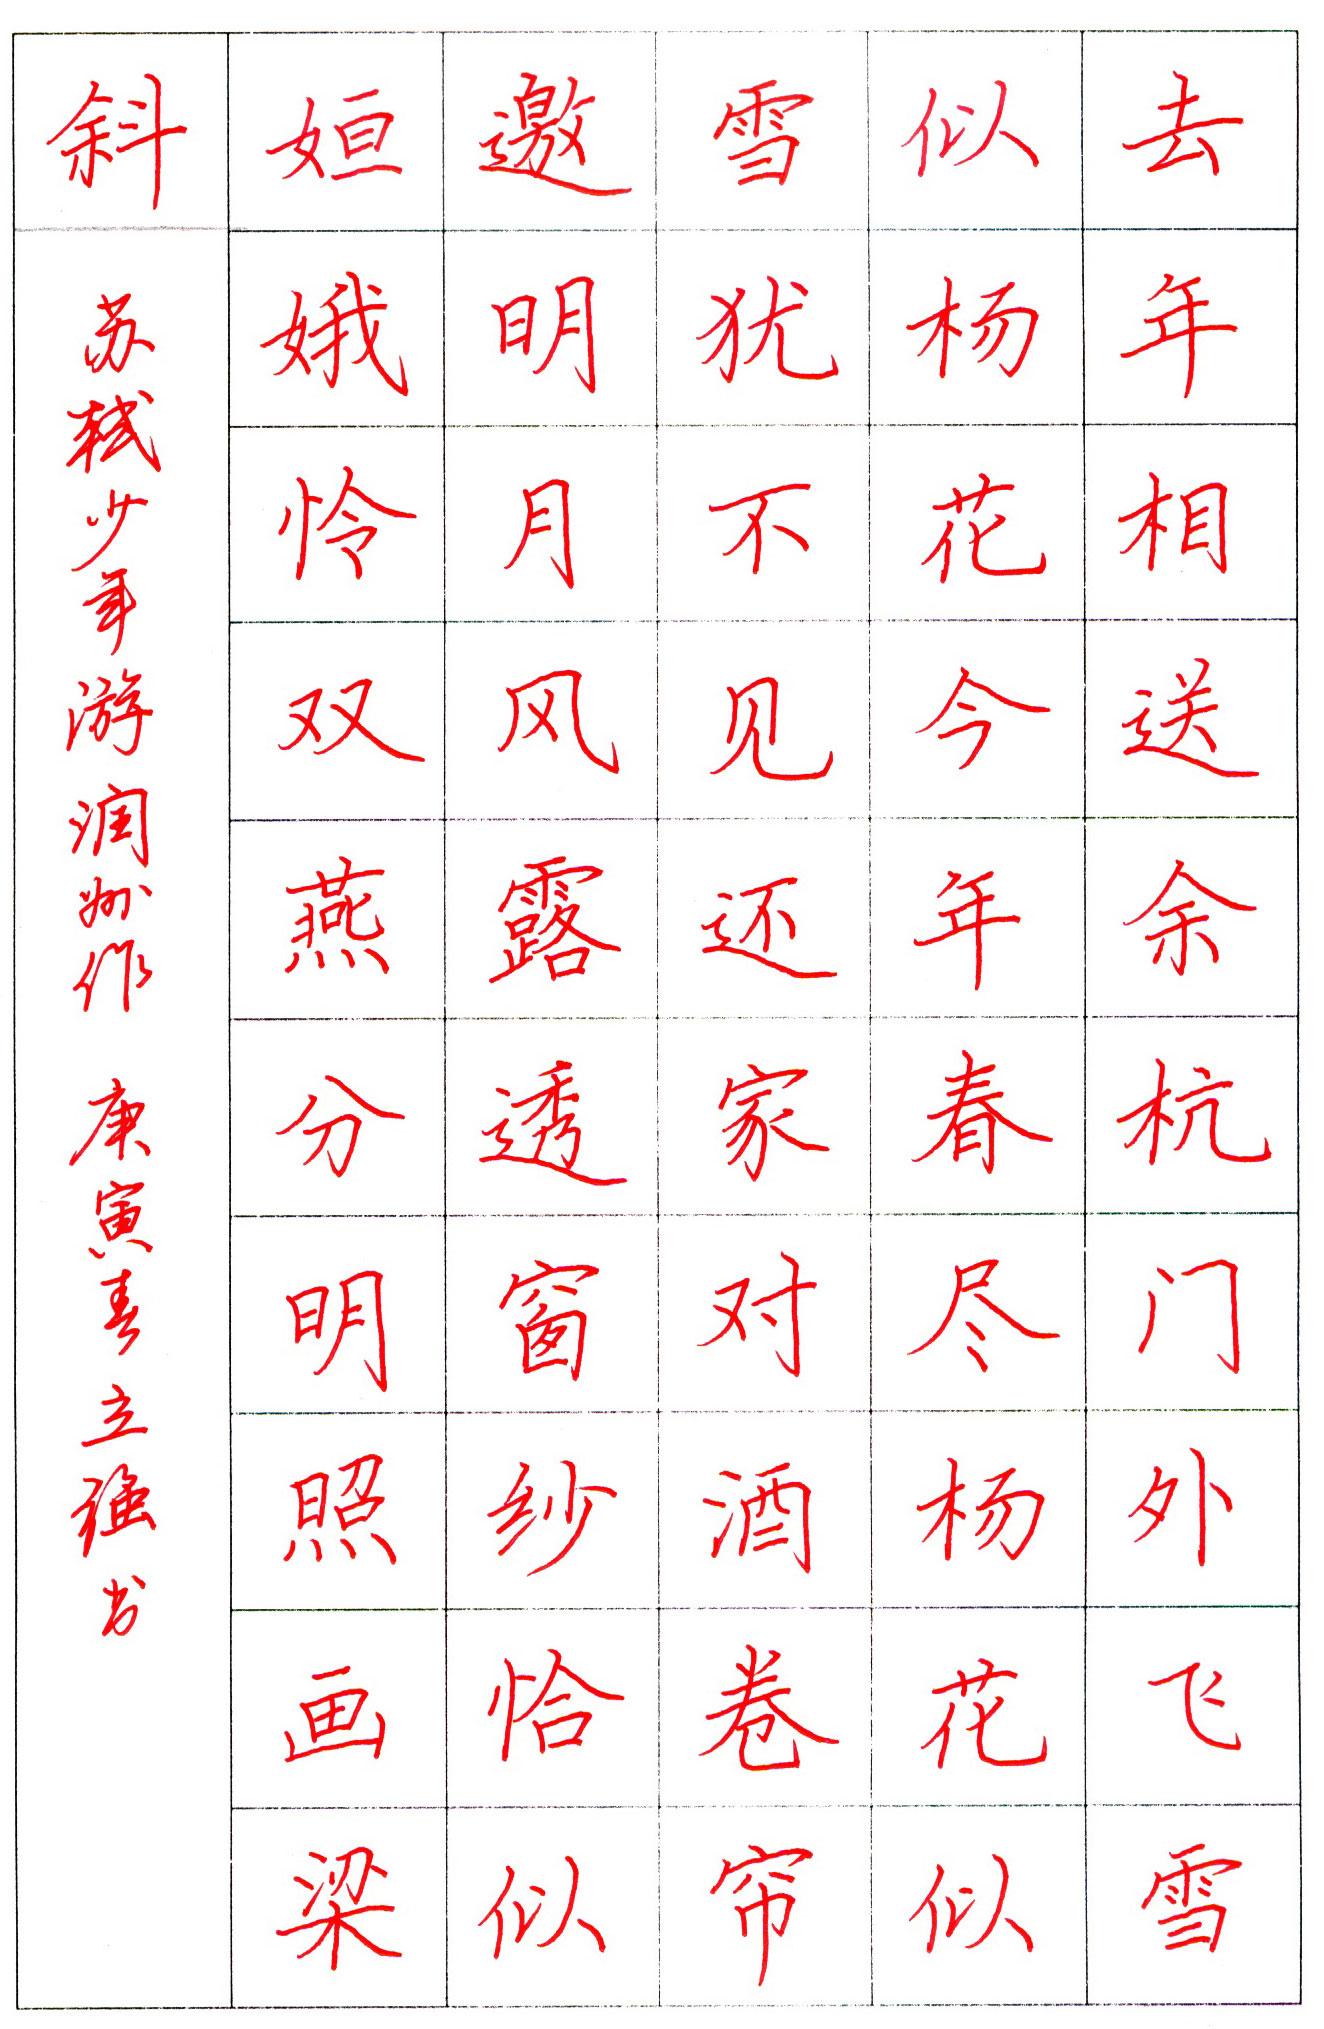 宋词《少年游》行书写法图片